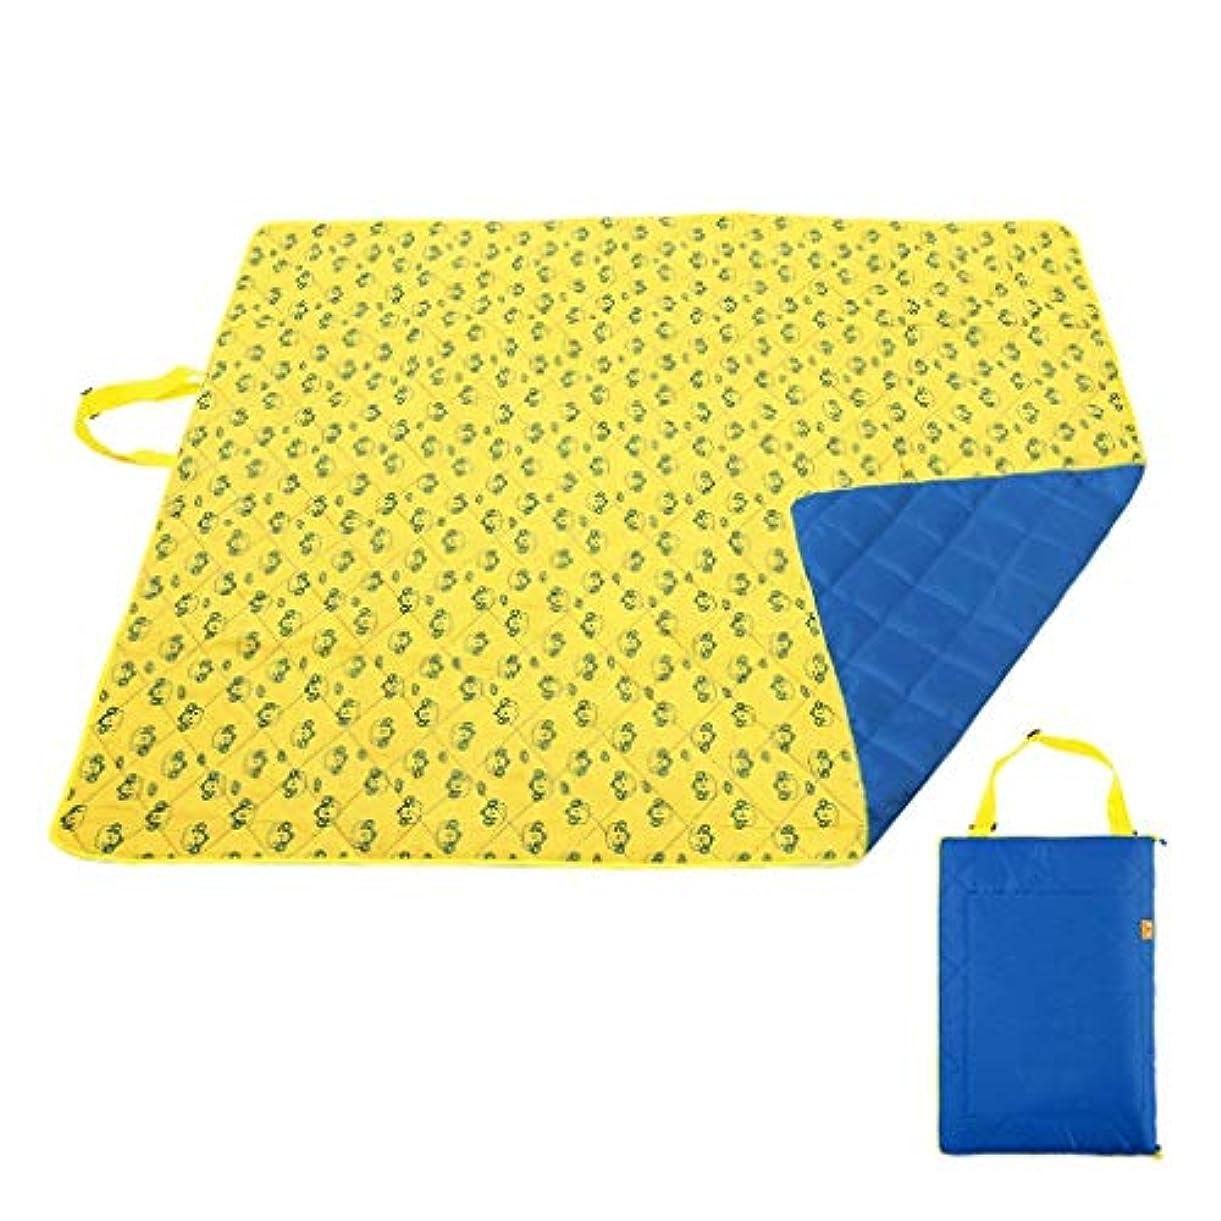 真実その他一貫性のない屋外機洗濯可能なオックスフォード布ピクニックマットマット肥厚テントマットフロアマット公園レジャー (Color : Yellow)